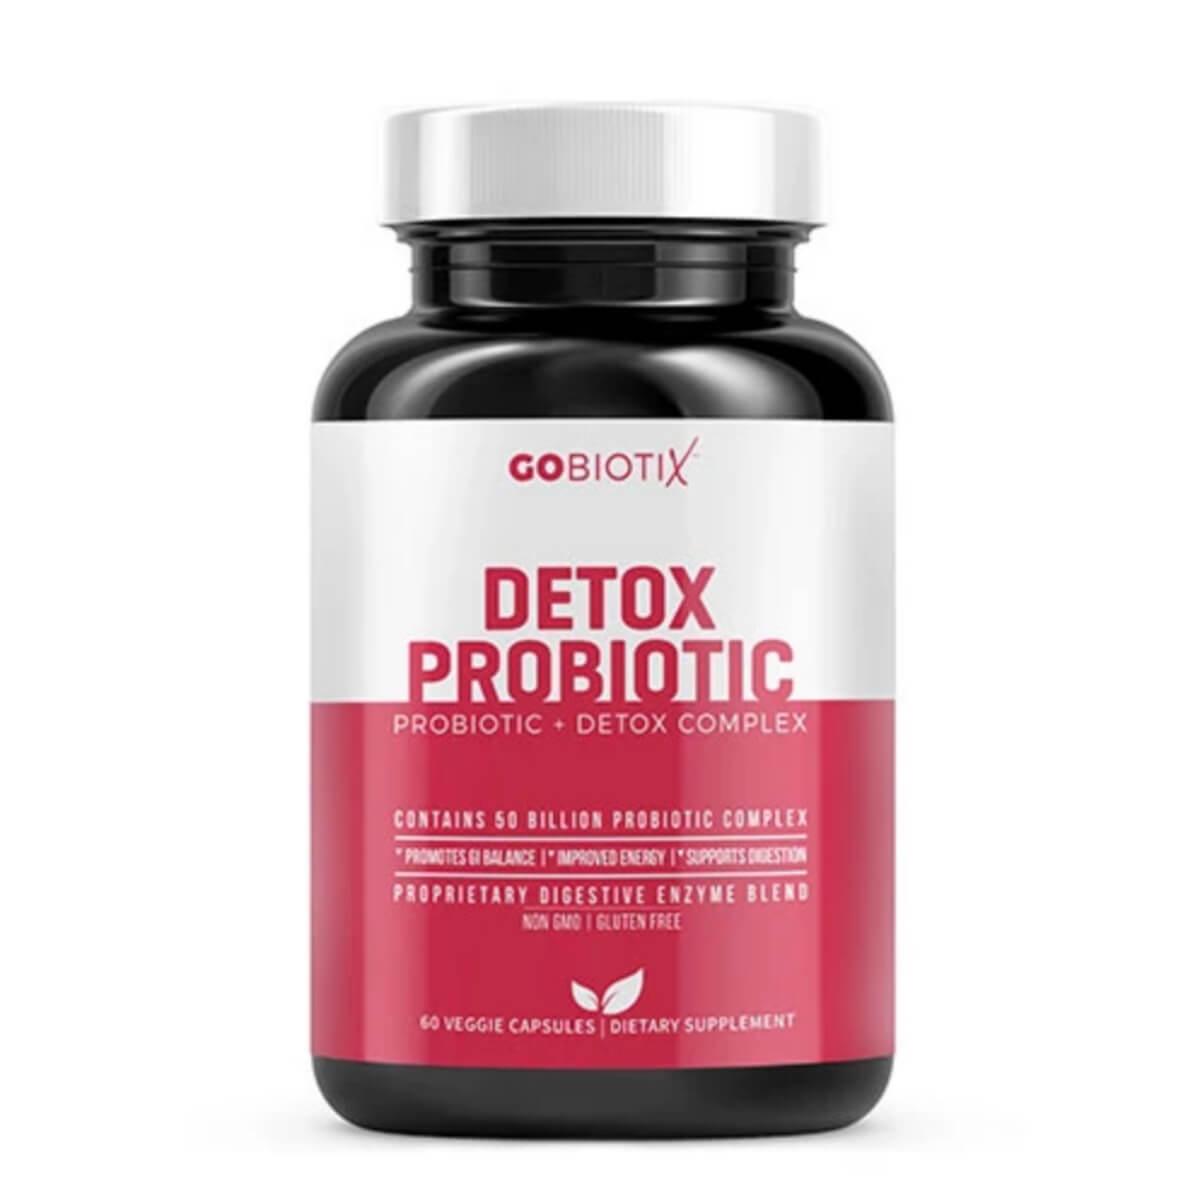 gobiotix probiotic